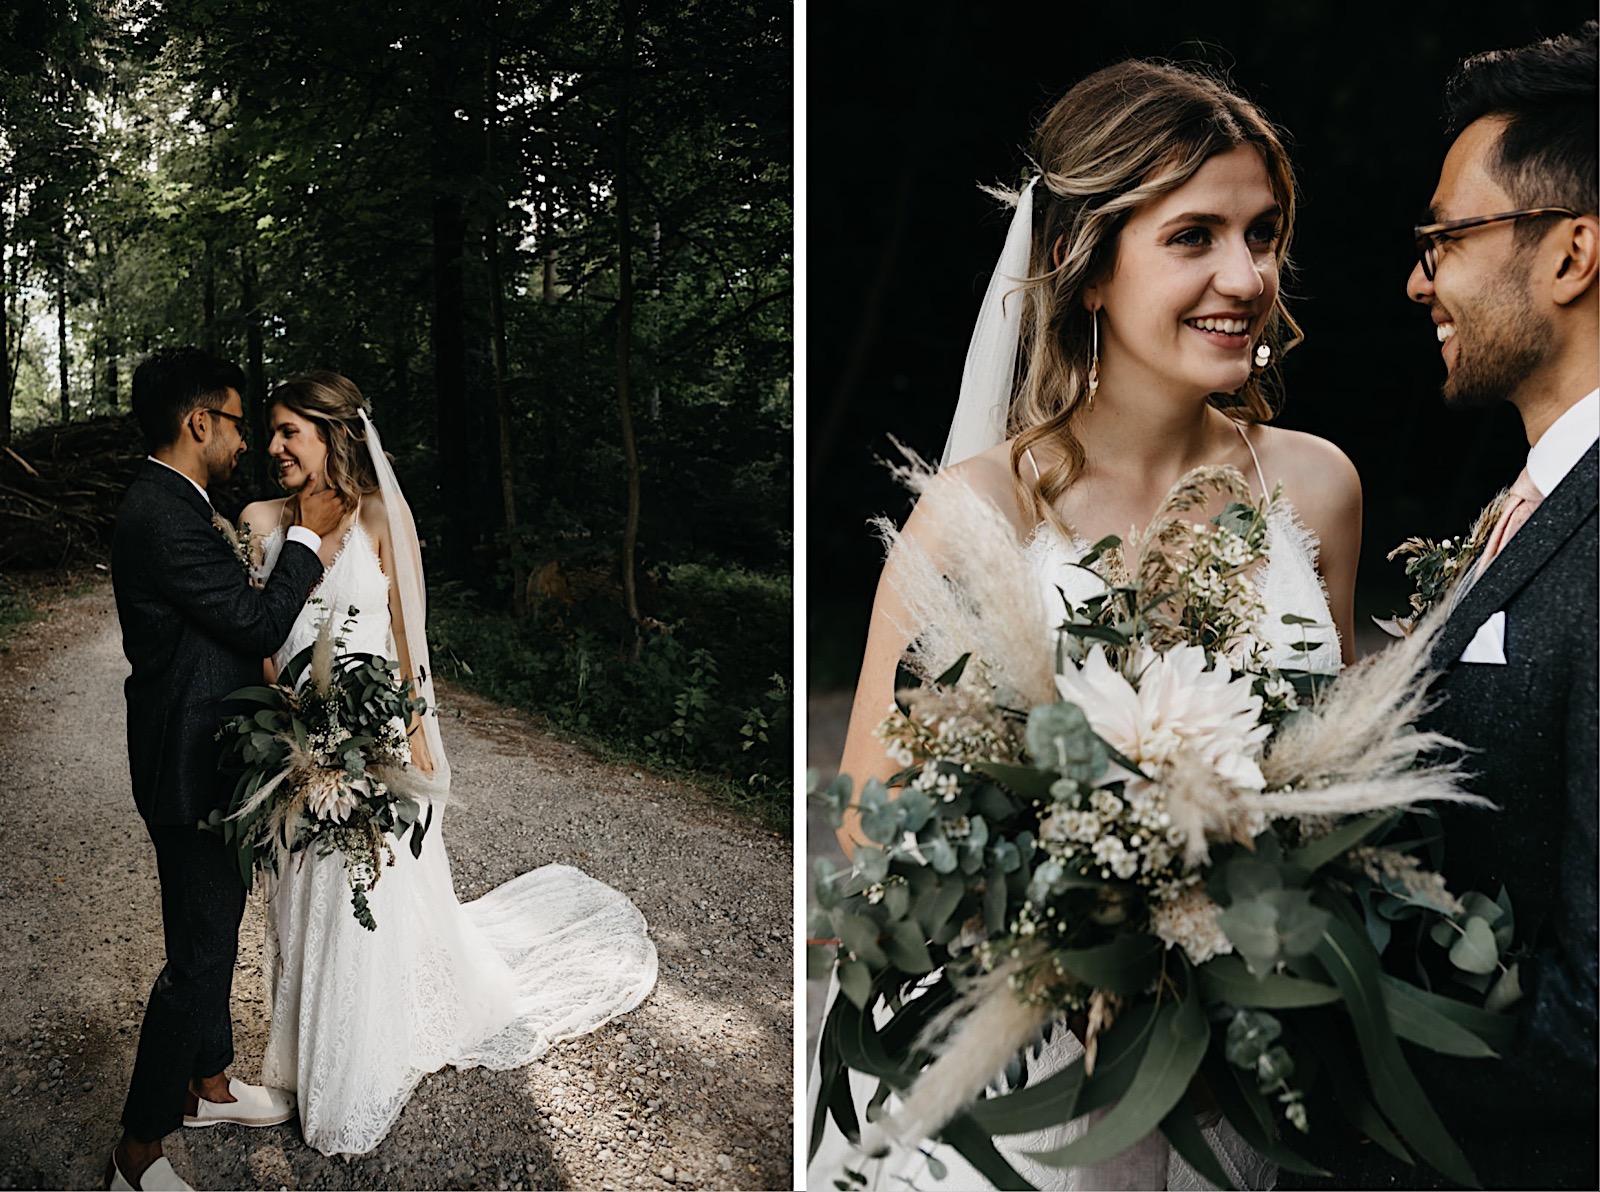 08_bohowedding_afterweddingshoot_elopement_switzerland (13 von 55)_bohowedding_afterweddingshoot_elopement_switzerland (10 von 55).jpg